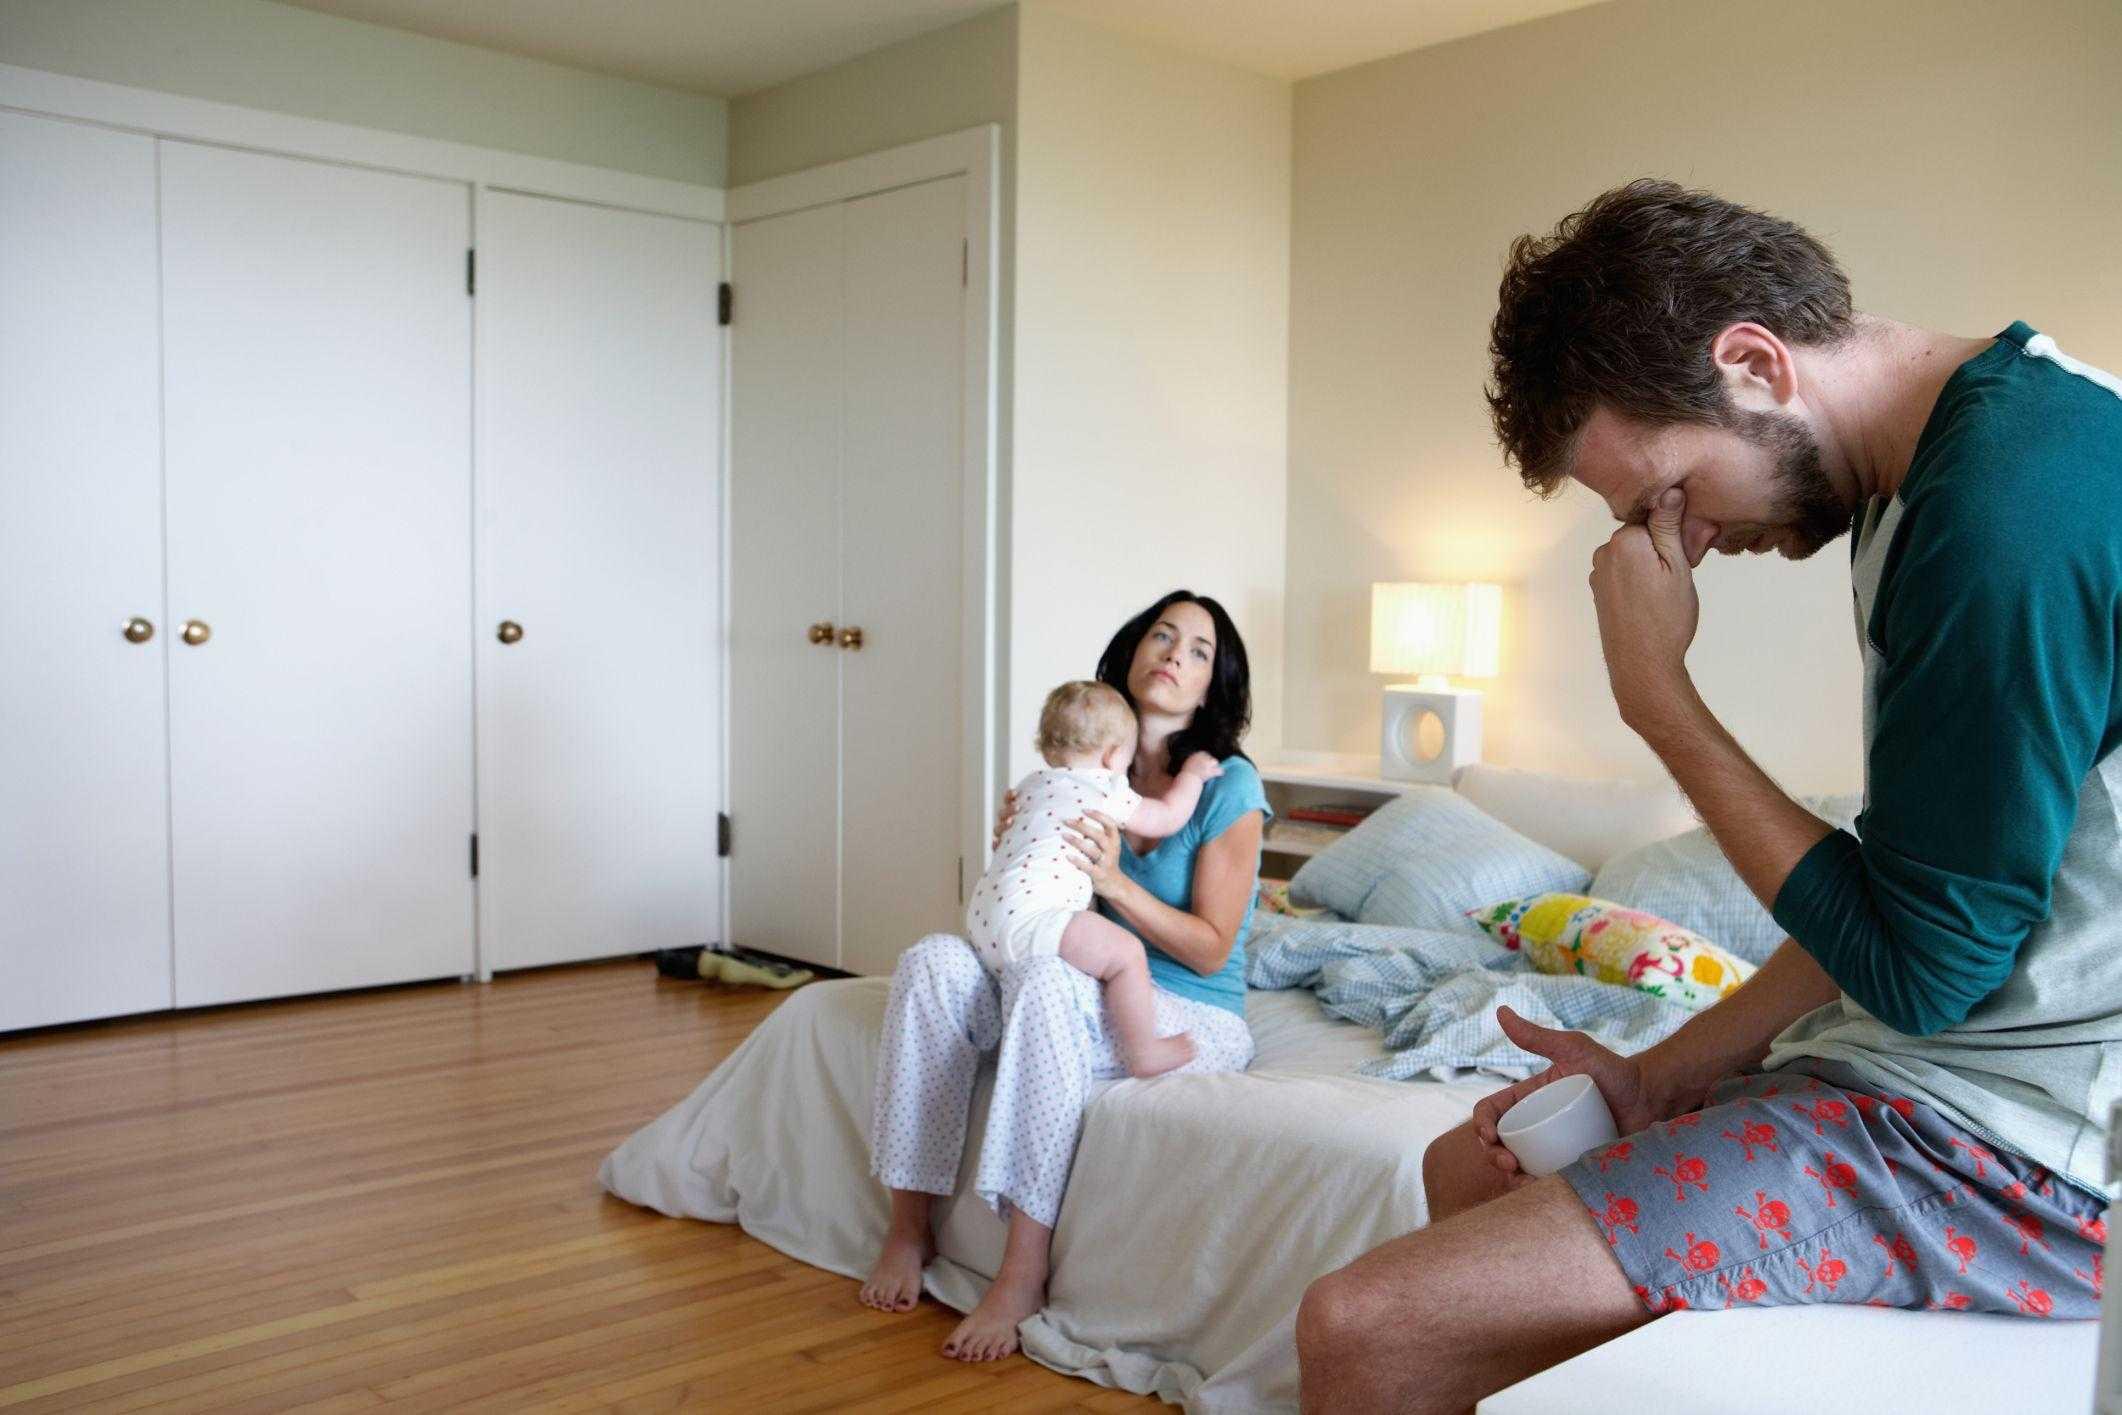 У строгих родителей вырастают успешные дети, а у добреньких — разгильдяи - психология, воспитание ребенка, строгость, баловать, эгоист, инфантильный мужчина